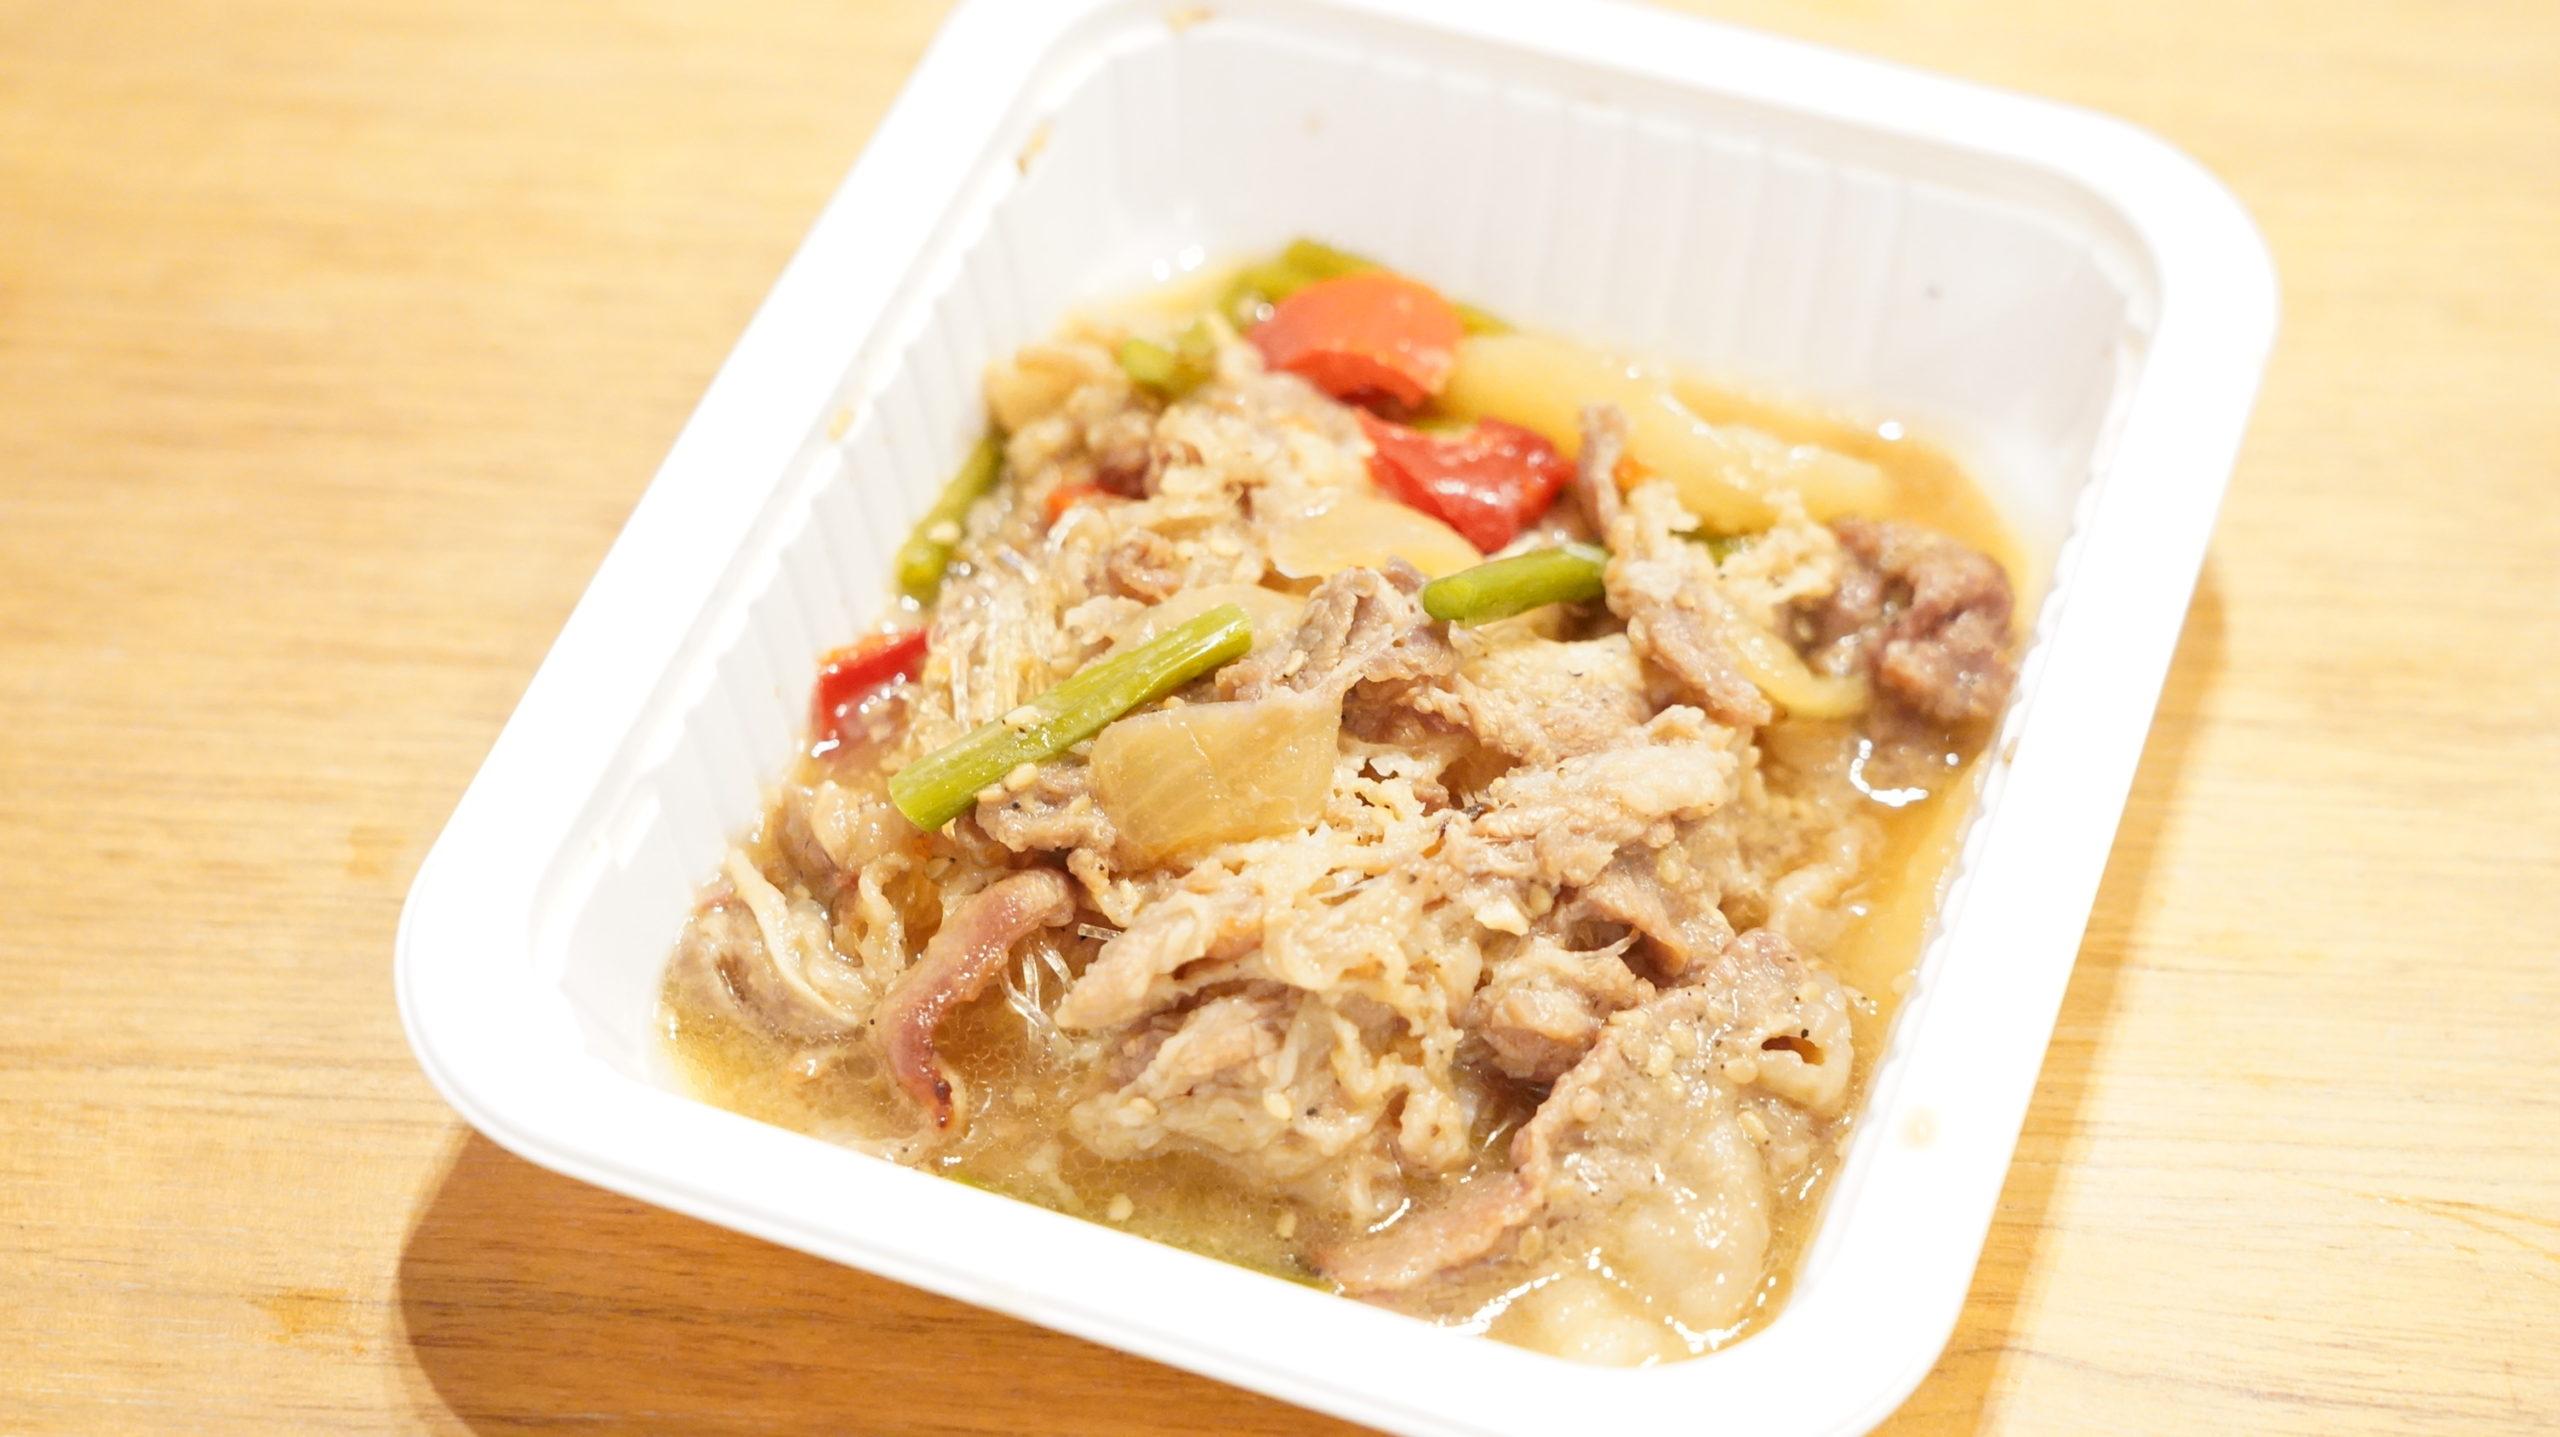 セブンイレブンのおすすめ冷凍食品「牛プルコギ春雨入り」の中身の写真